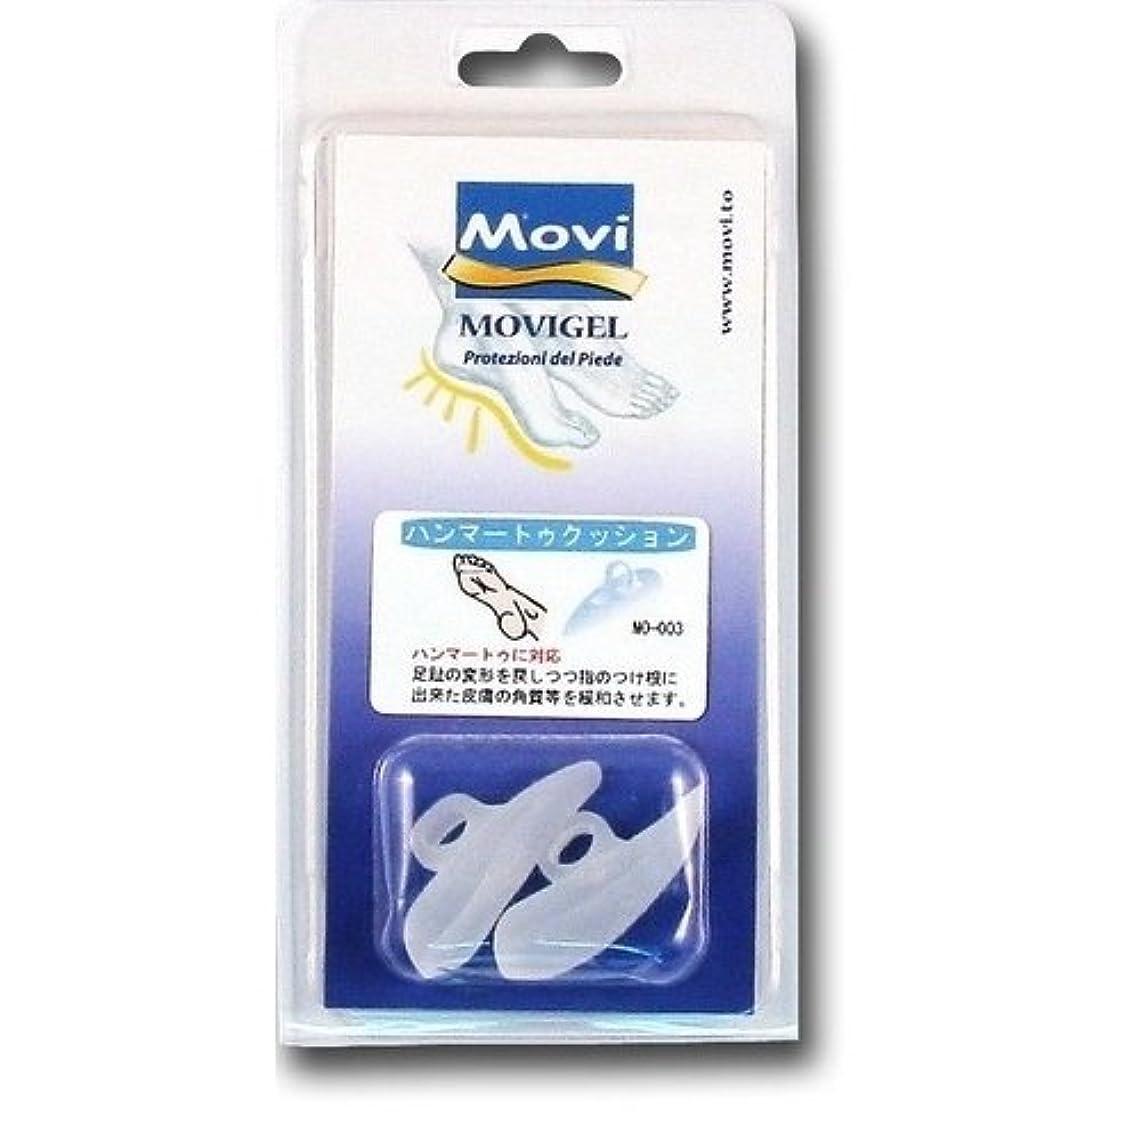 サバント拡張原告MOVI ハンマートゥクッションS MO-003